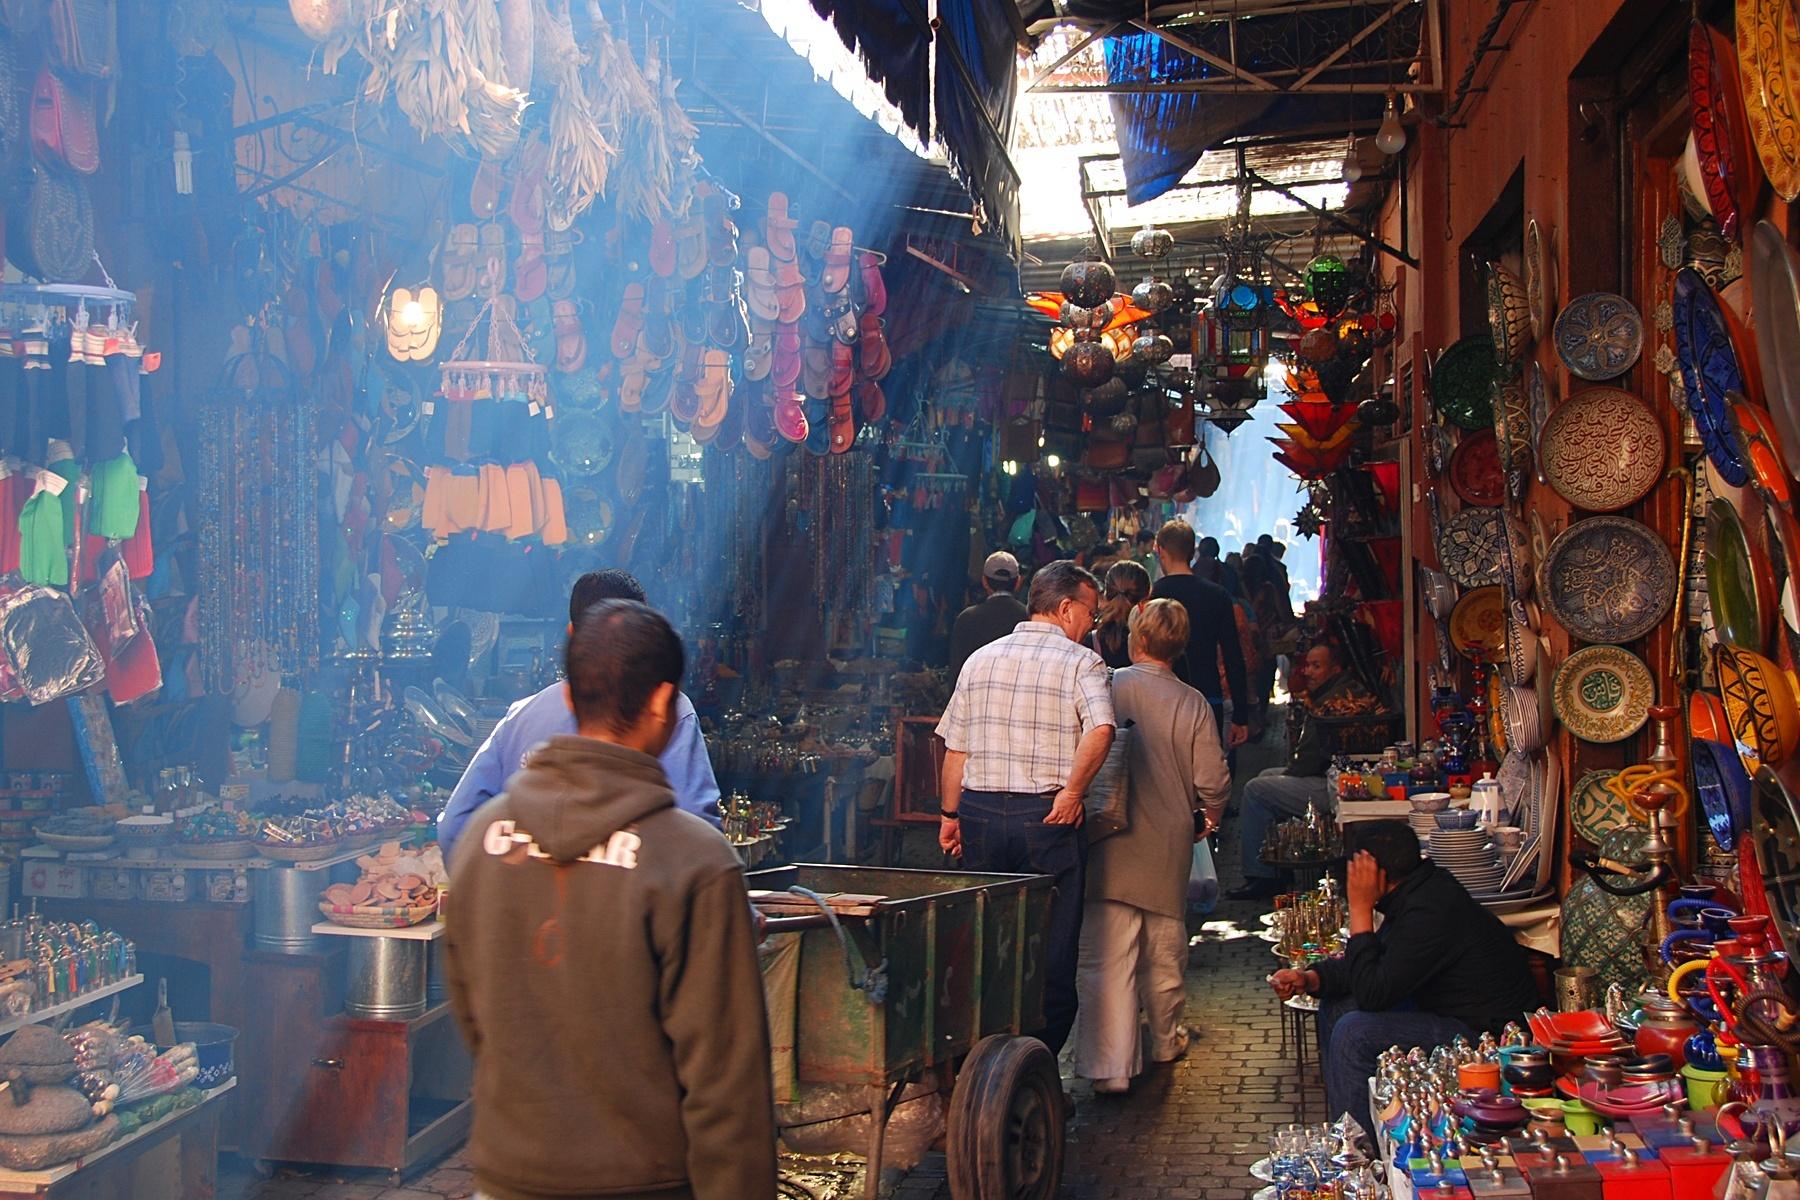 Les hauts et les bas d'un petit séjour au Maroc 2/3